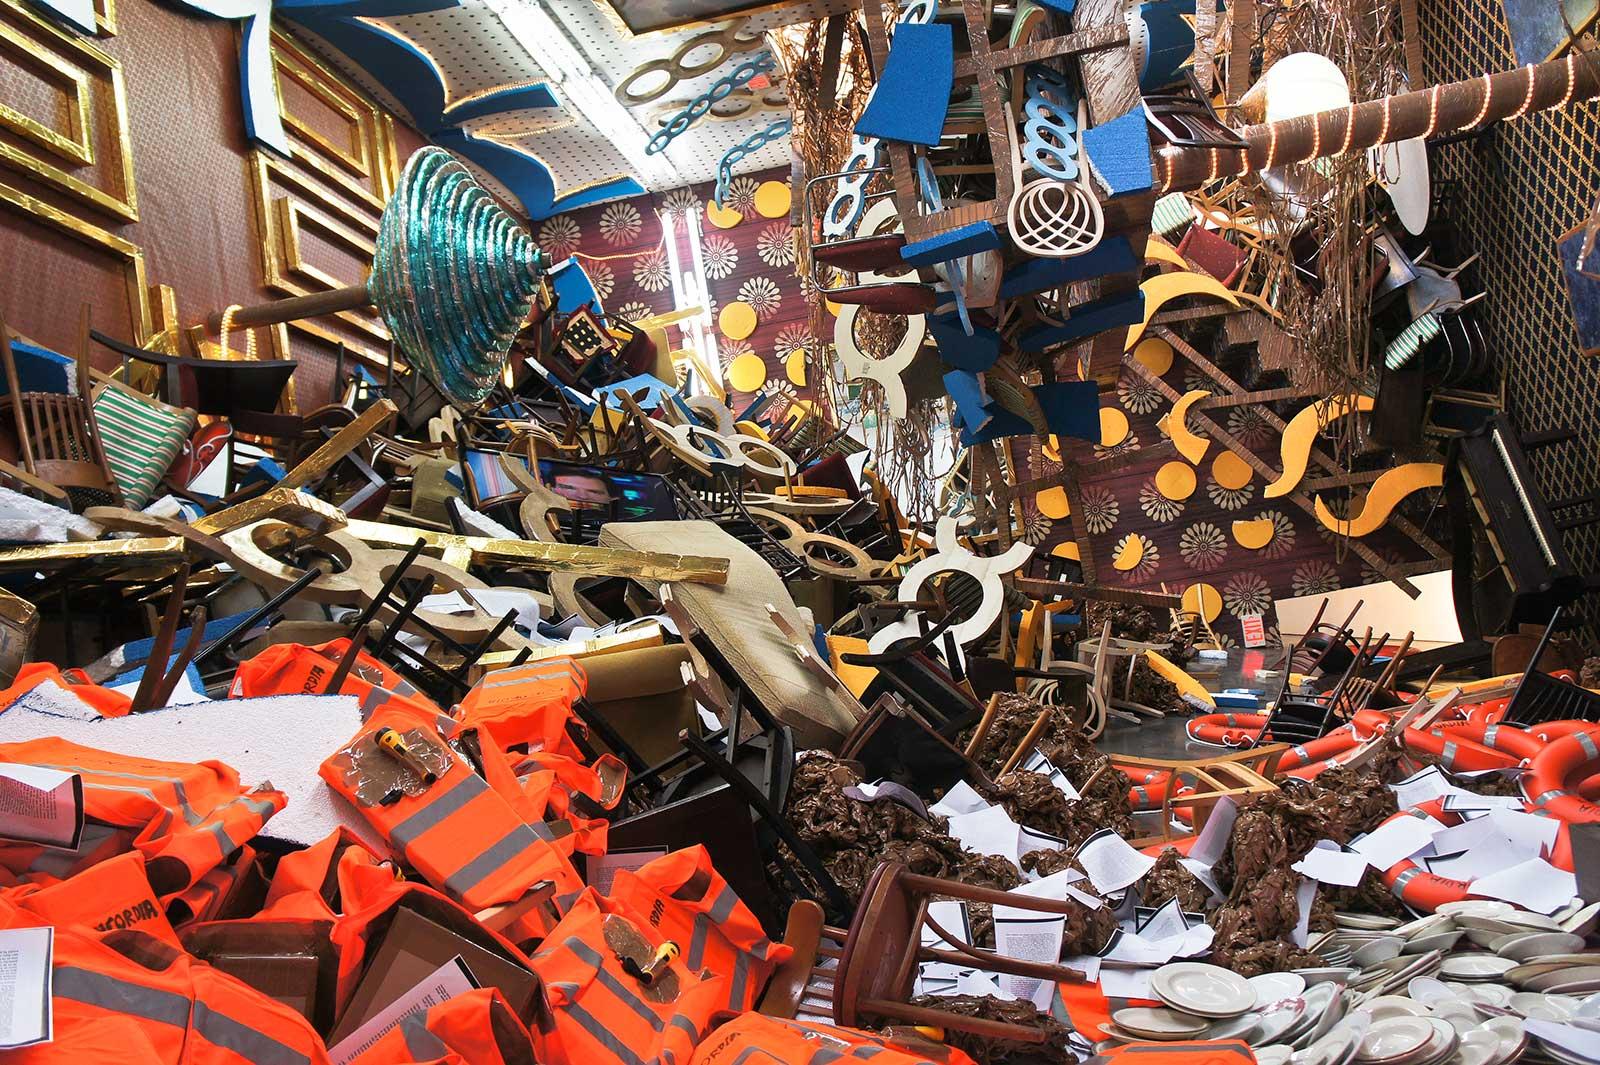 cruise ship debris